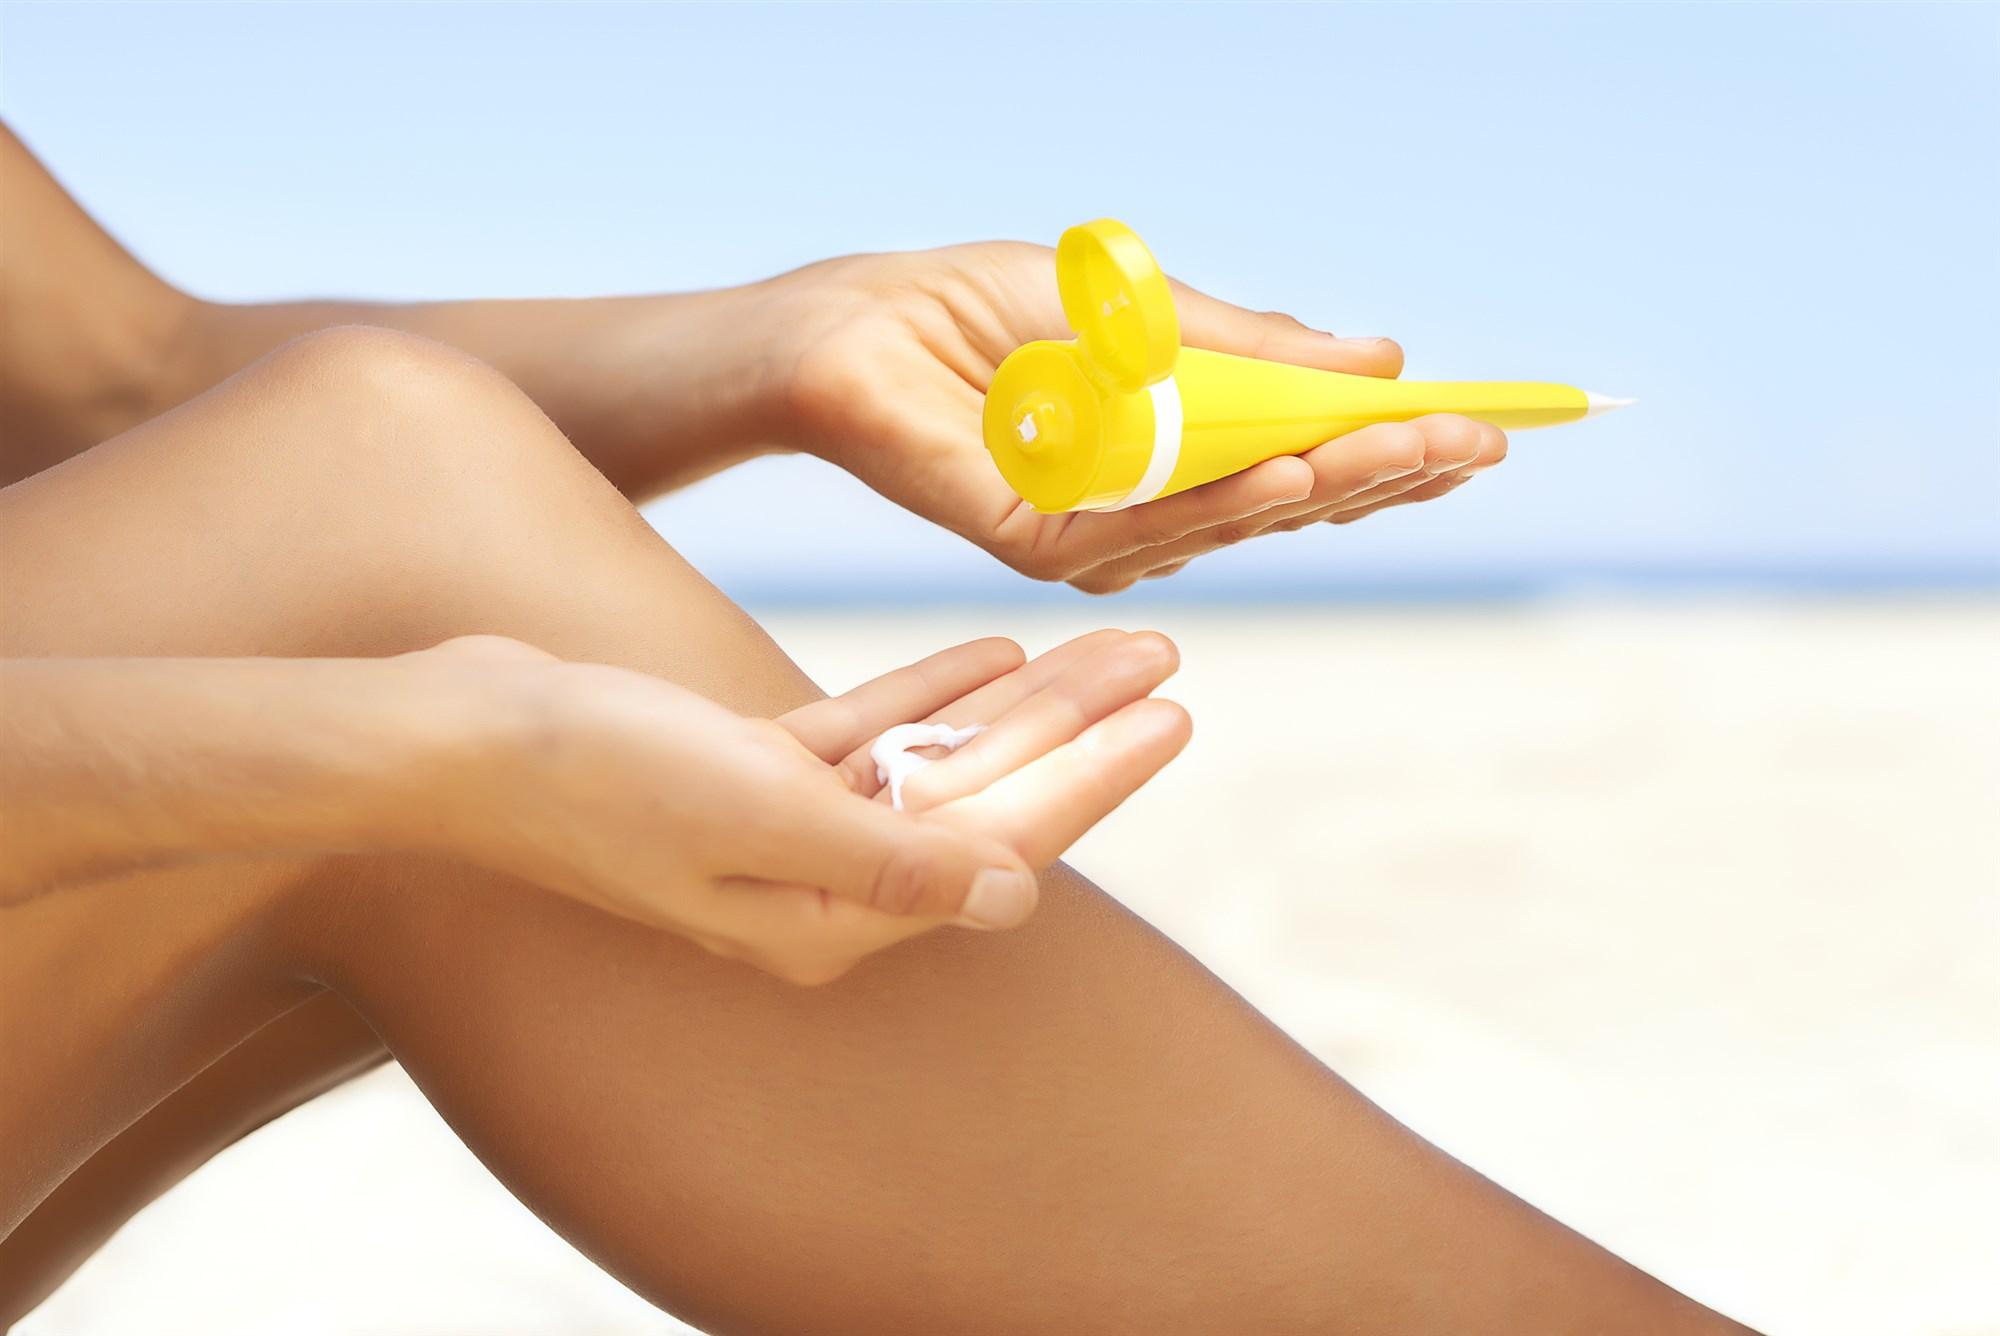 que protector solar recomiendan dermatologos